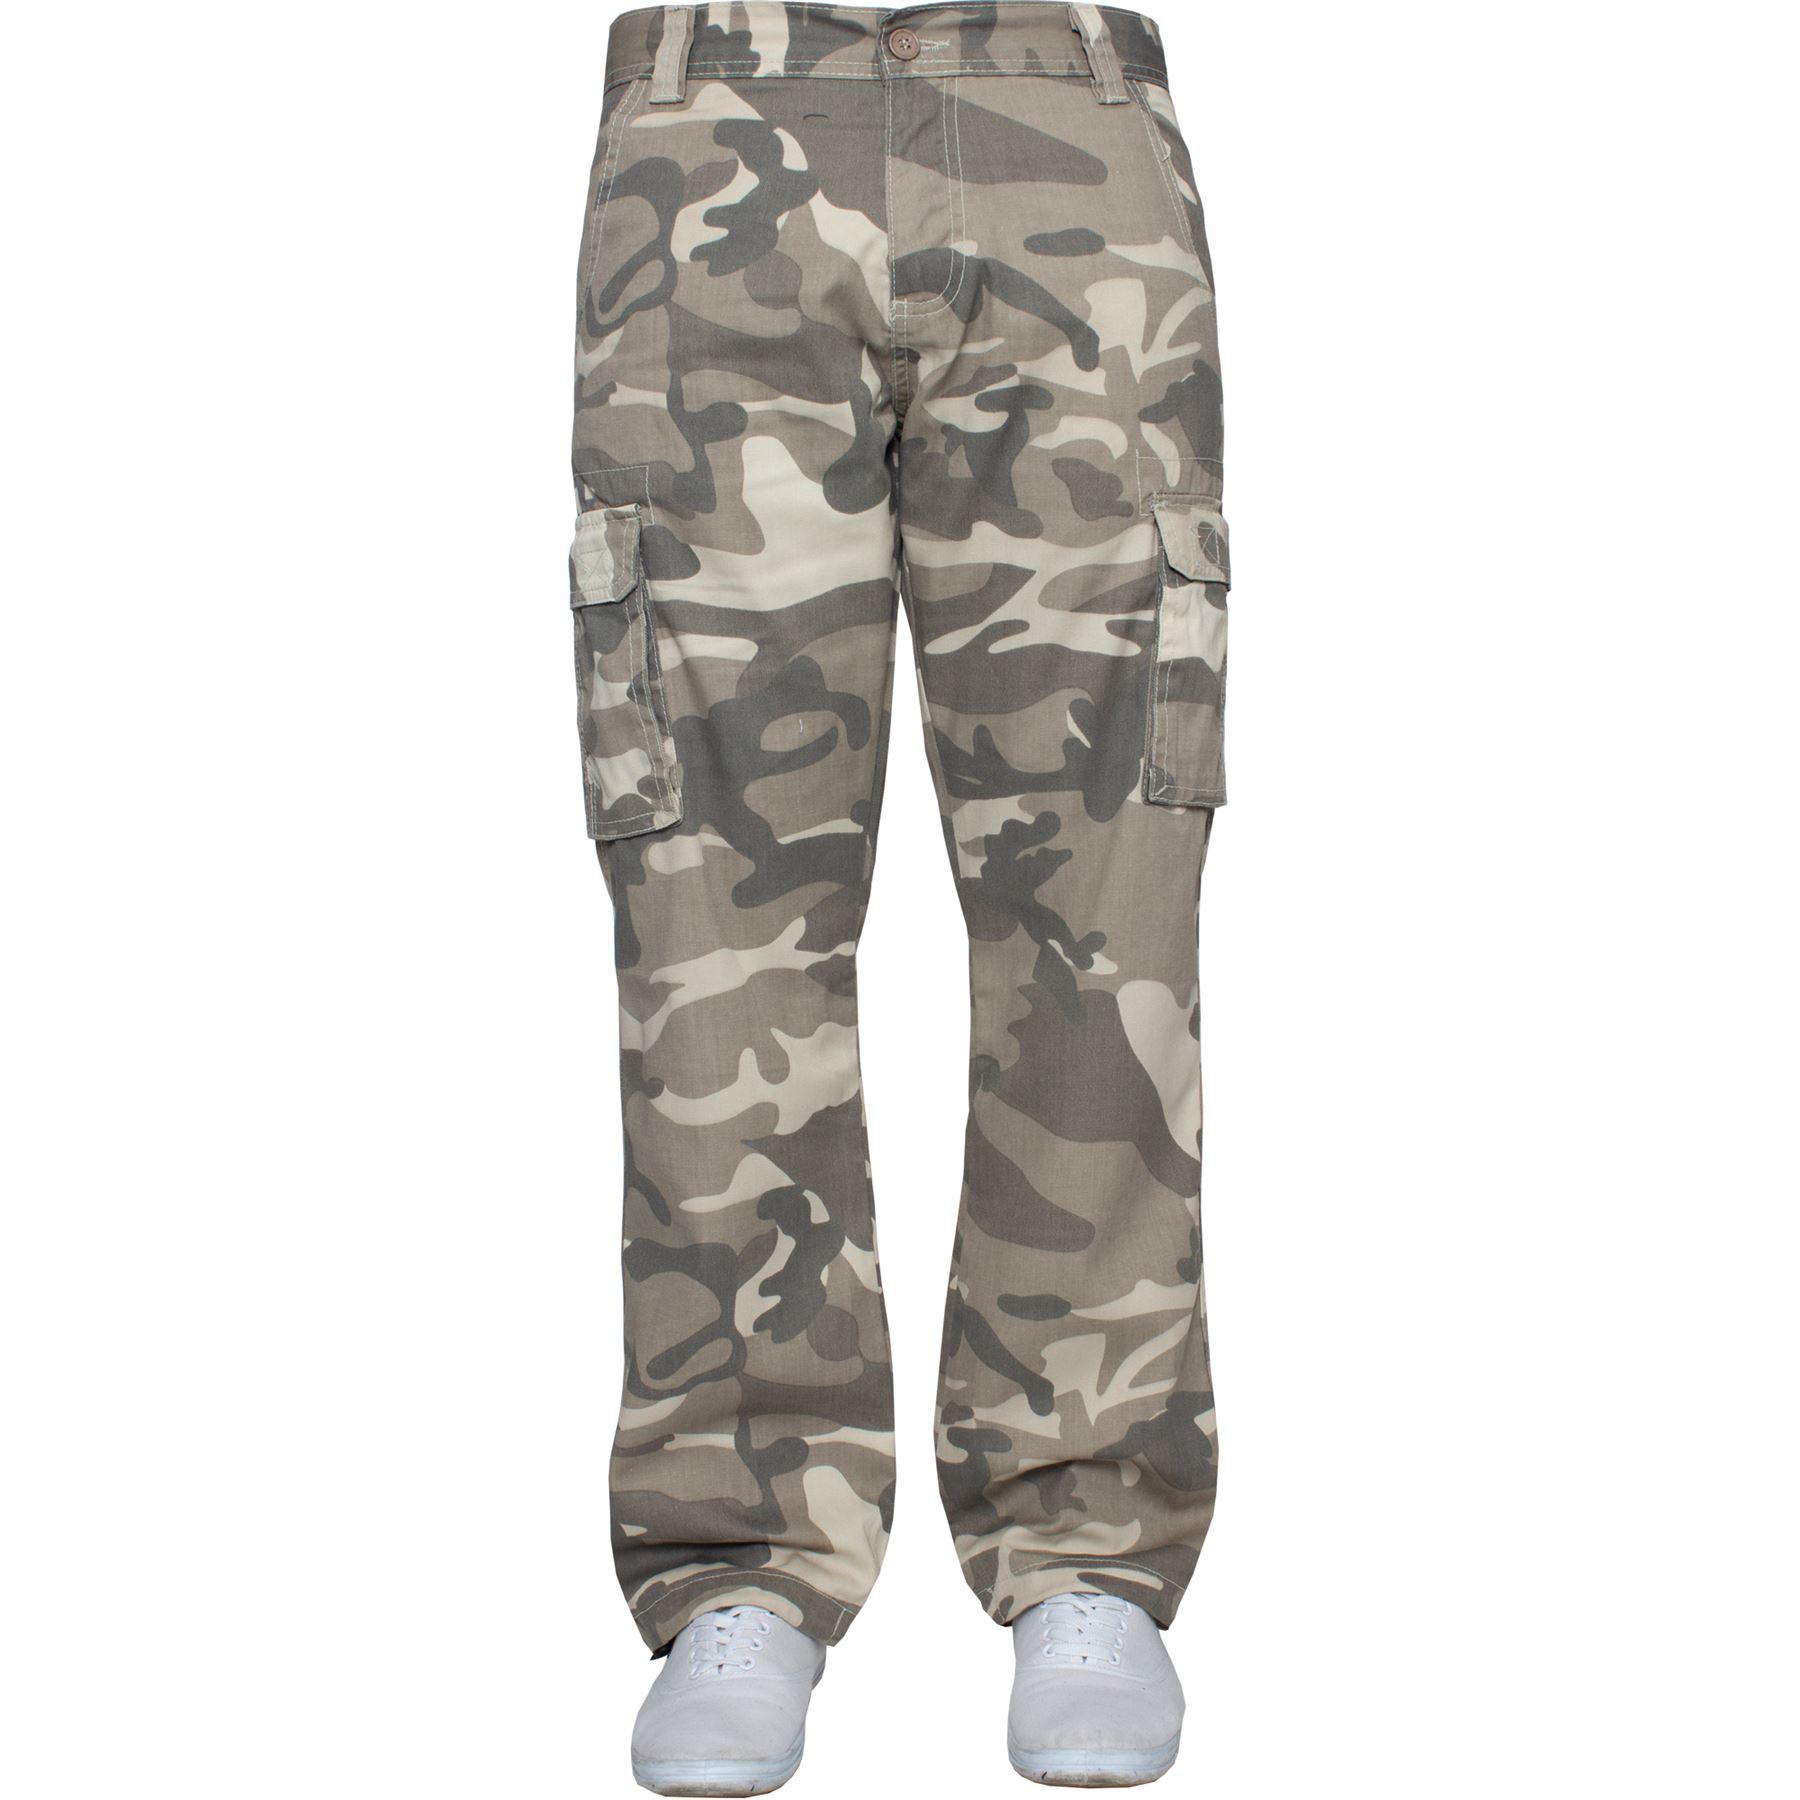 Kruze-Uomo-Militare-Pantaloni-Camouflage-Cargo-Mimetico-Casual-Lavoro miniatura 6